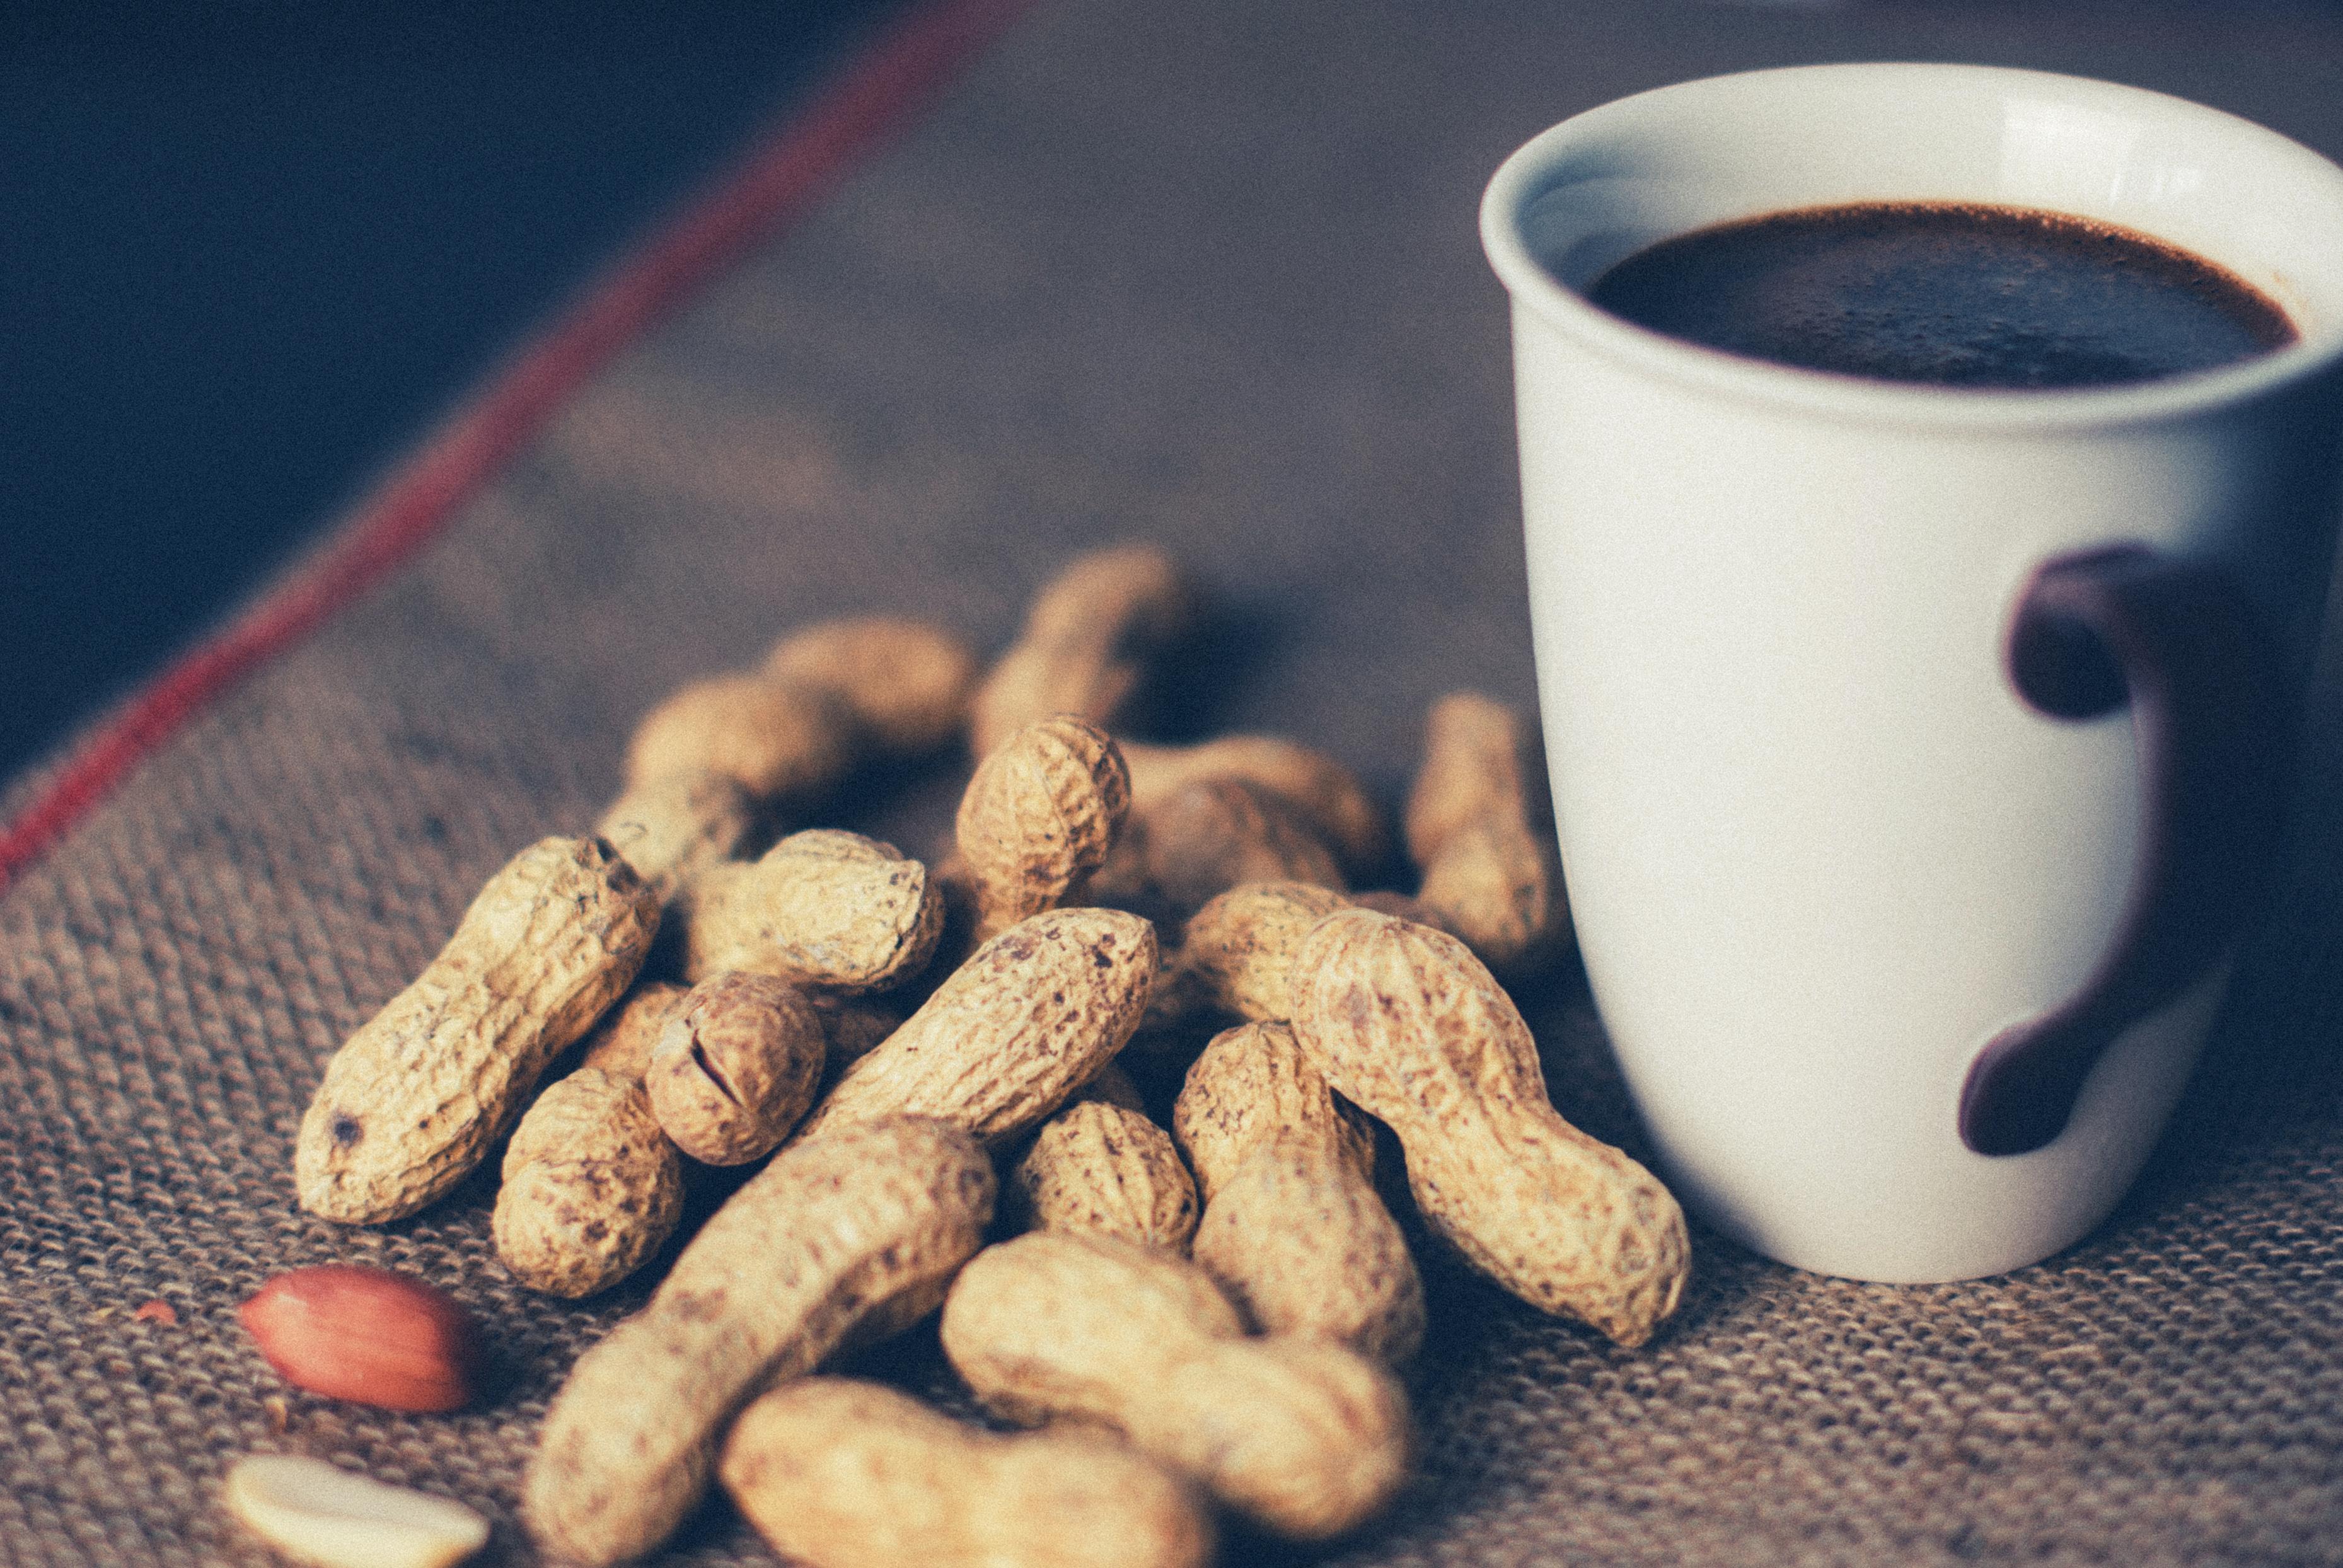 кофе с орехами картинка смех